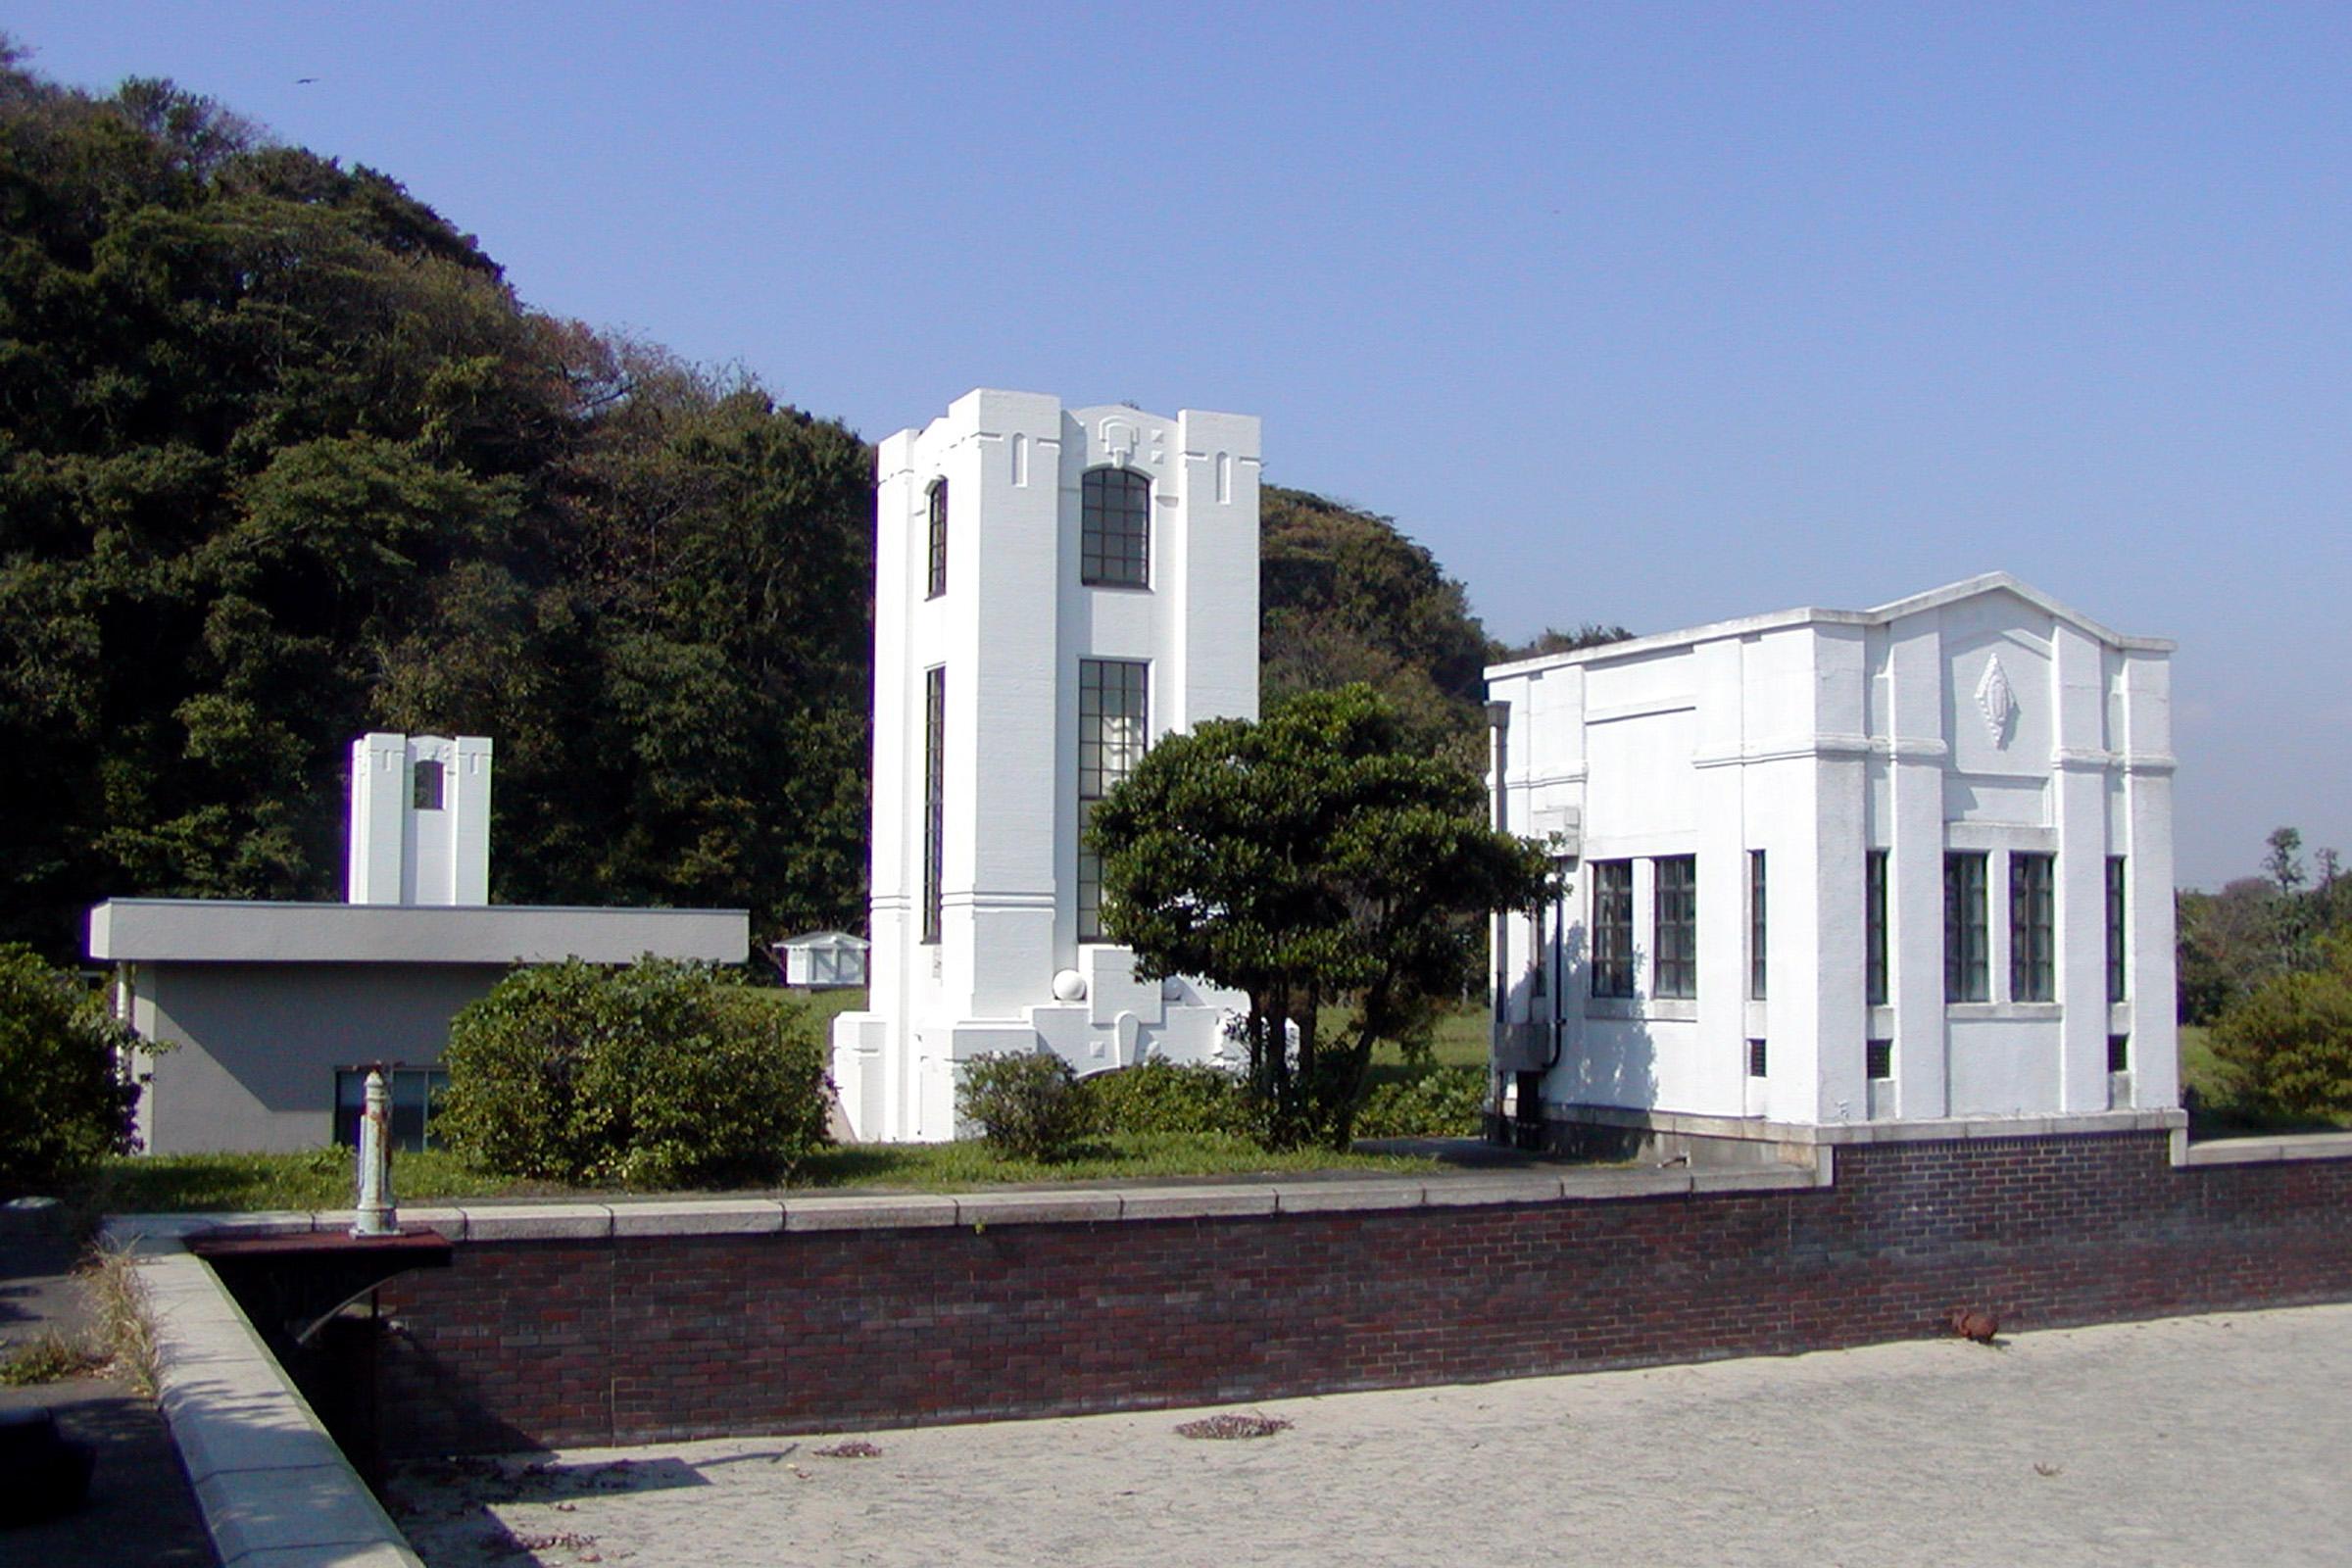 横須賀市上下水道局逸見浄水場緩速ろ過池調整室・配水池入口